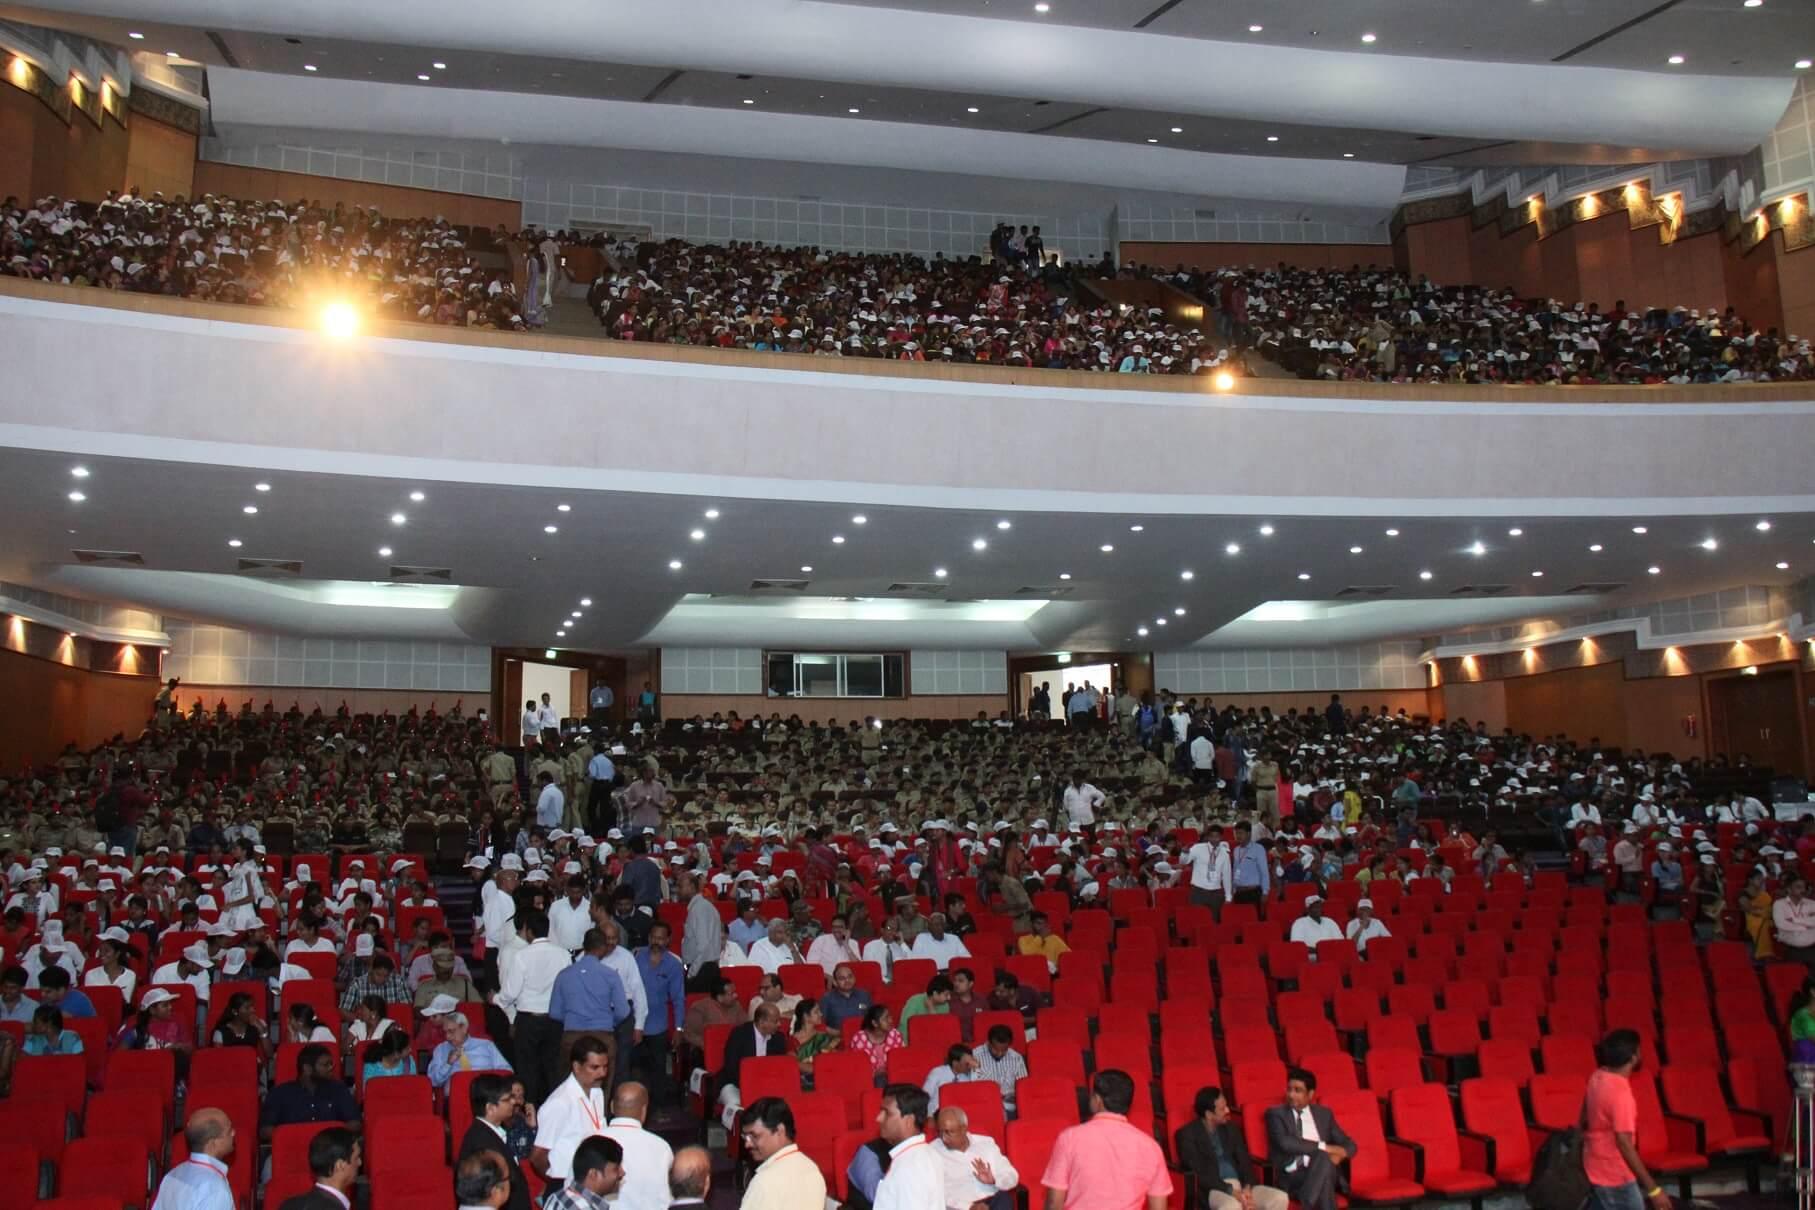 Shilpakalavedika-Hyderabad